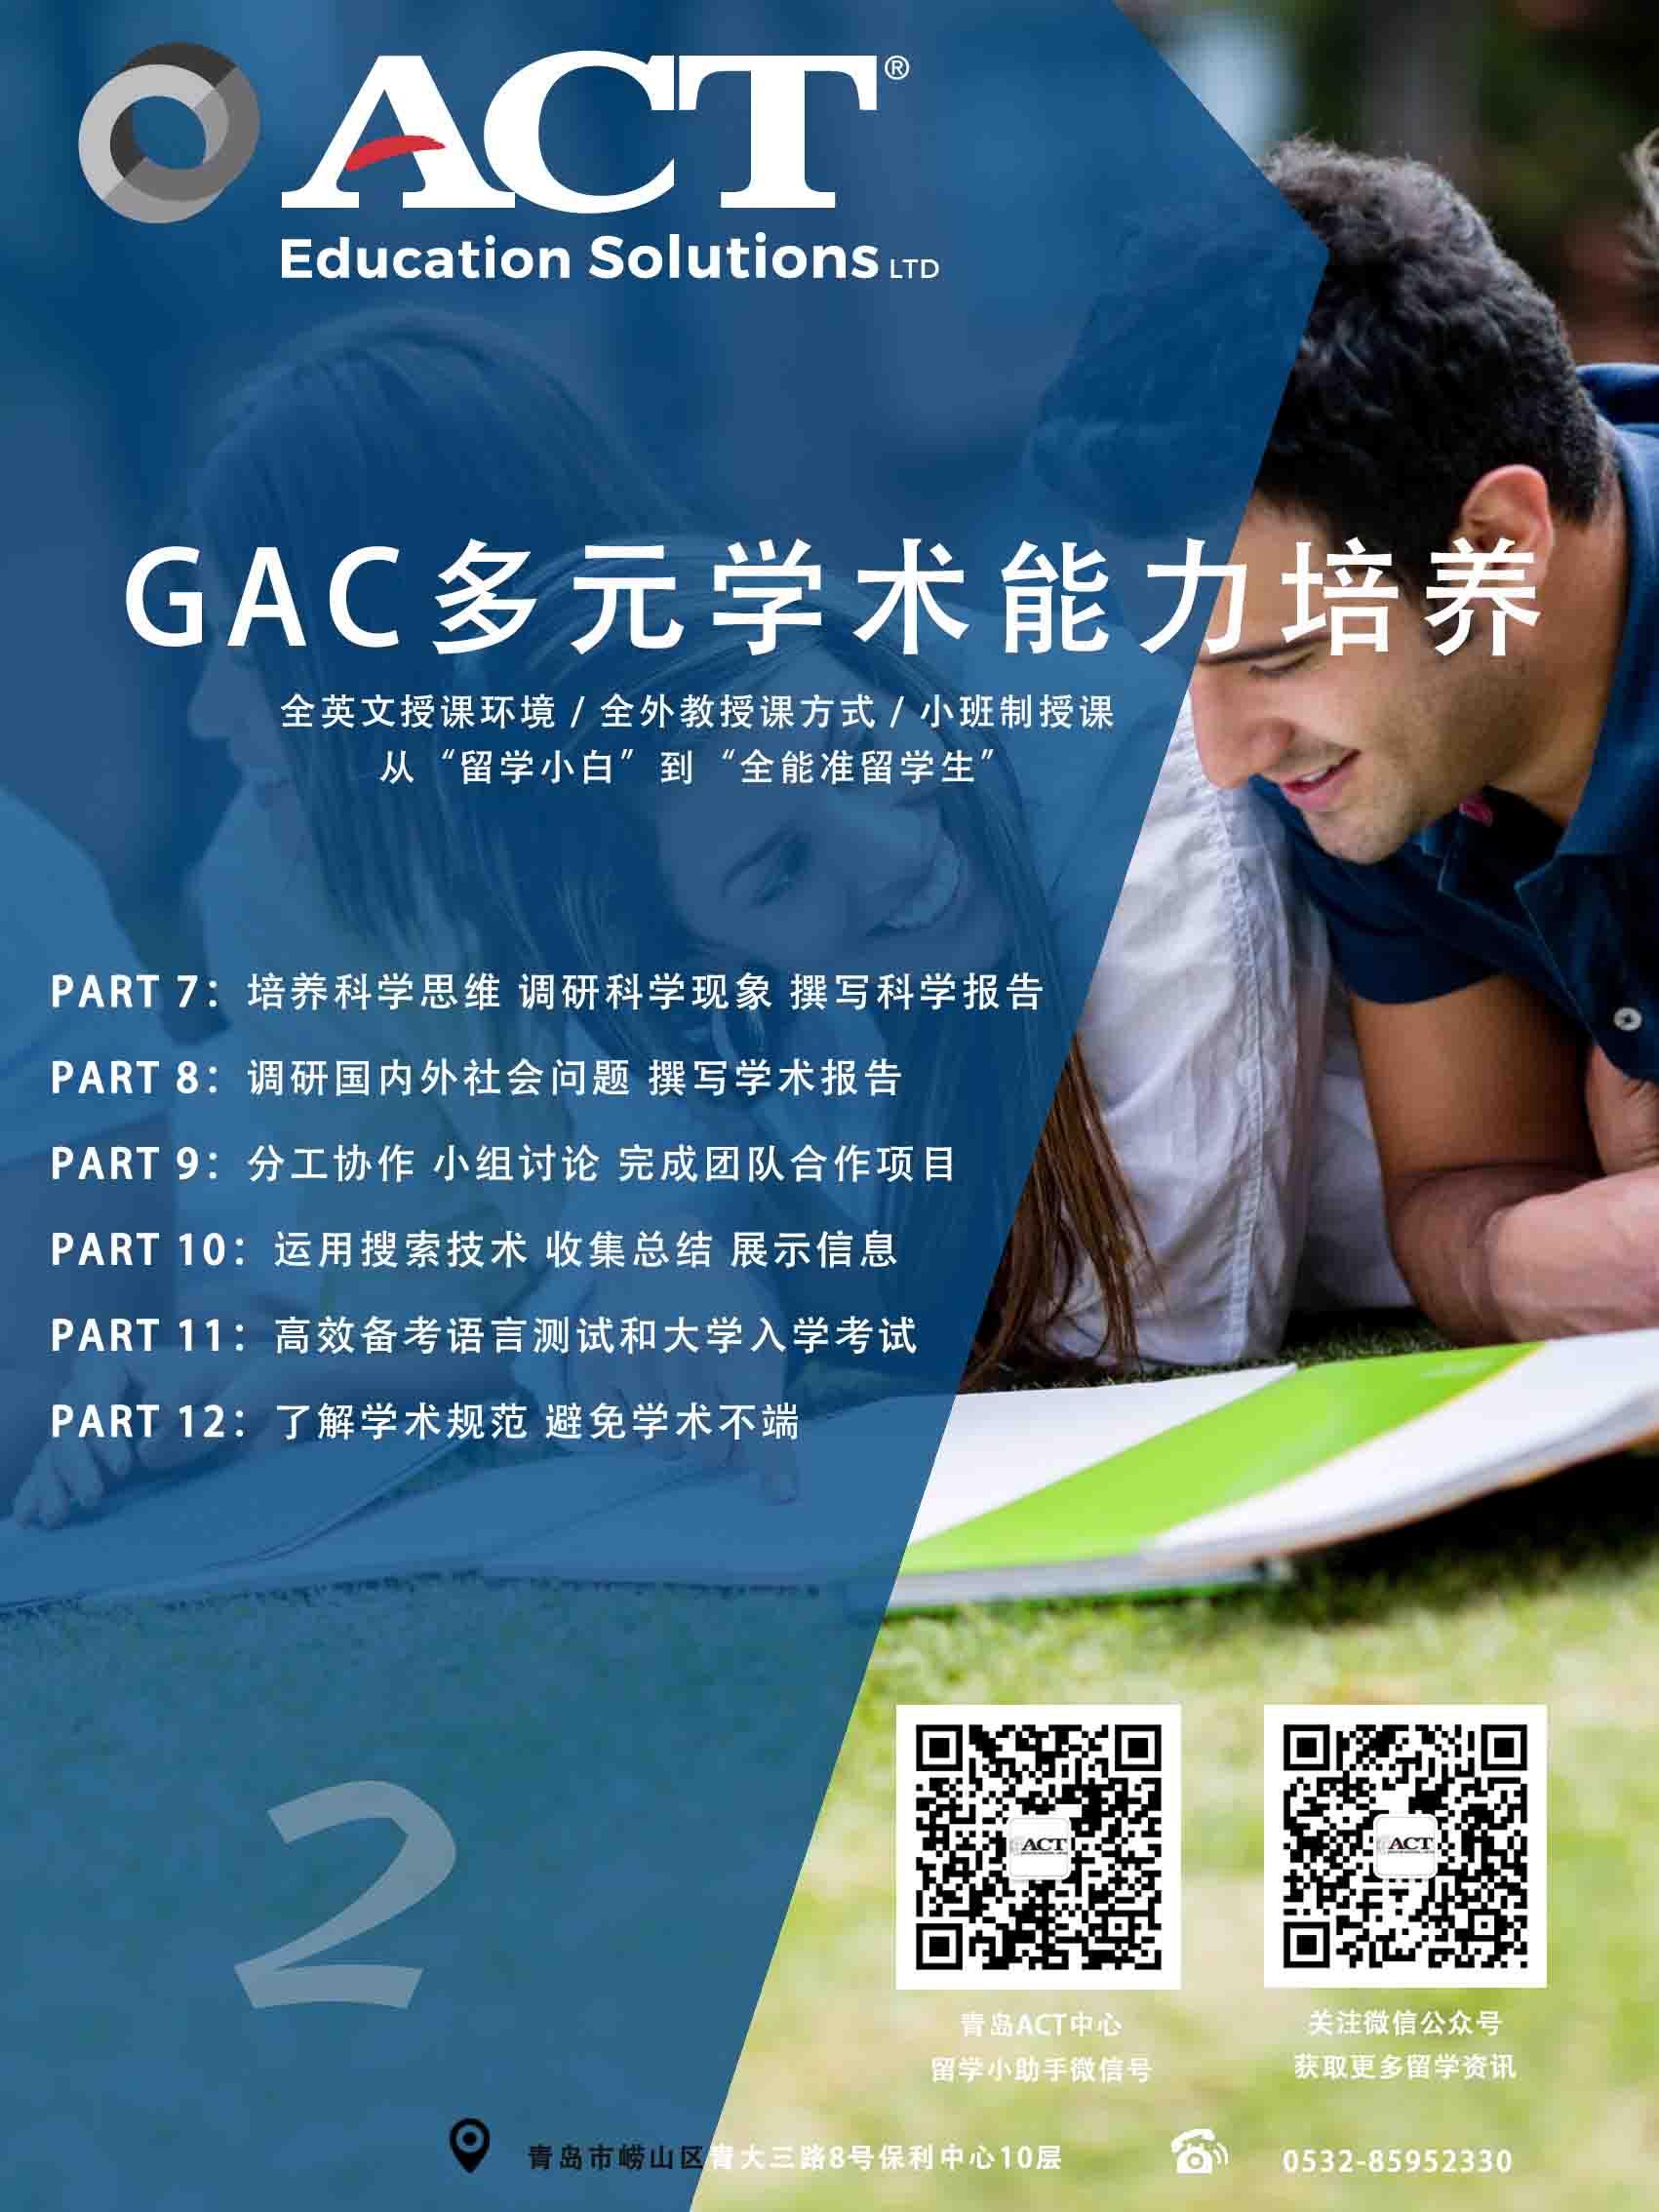 青岛ACT培训哪家好-山东可靠的ACT培训倾力推荐